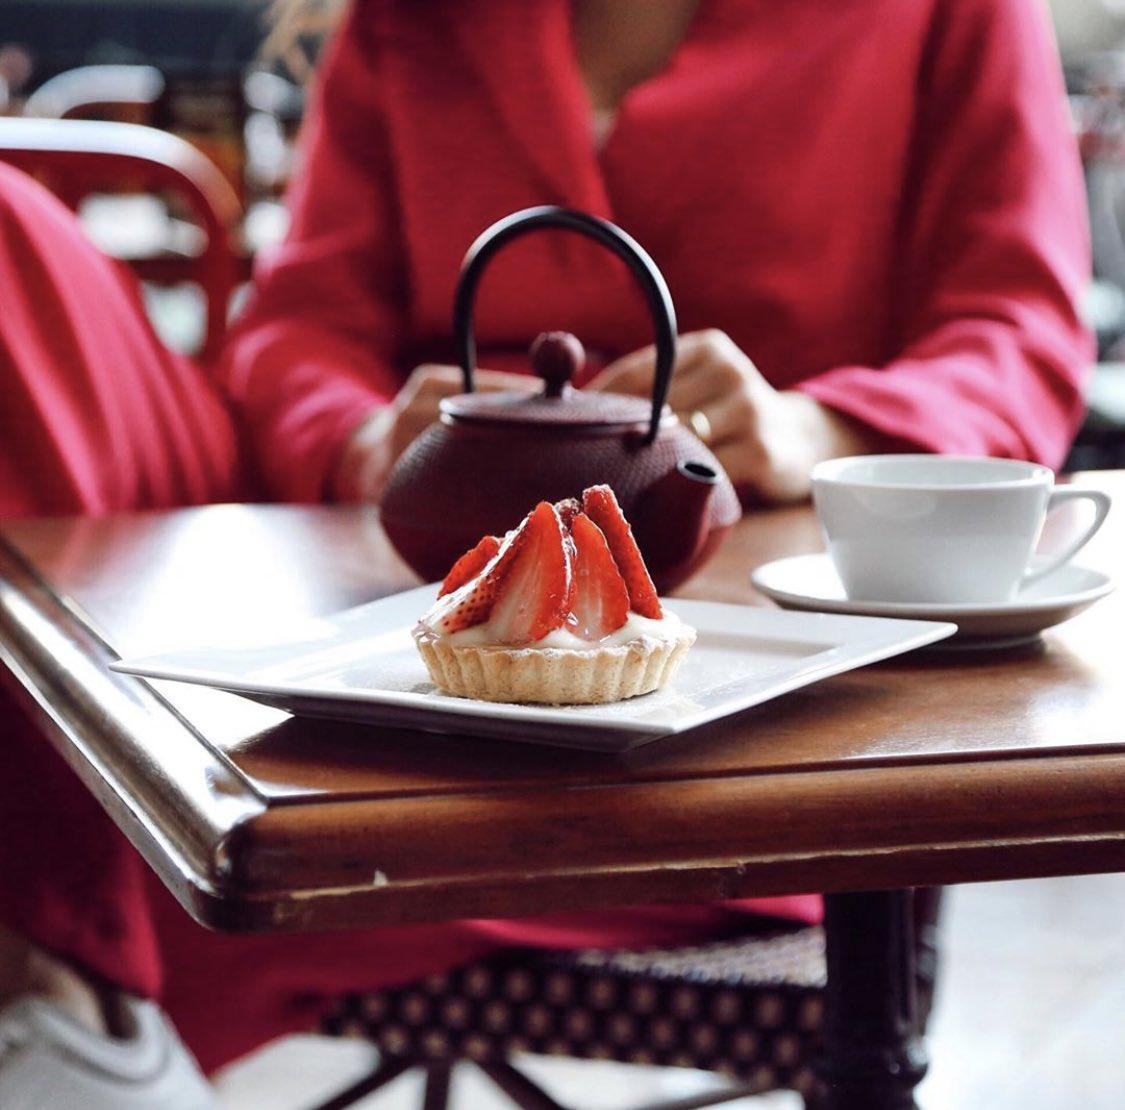 Gordion Cafe Des Cafes'te alışverişe keyifli bir mola!☺️🍰 Keyifli hafta sonları!❤️ #gordionlife https://t.co/e8lbFUSBNP